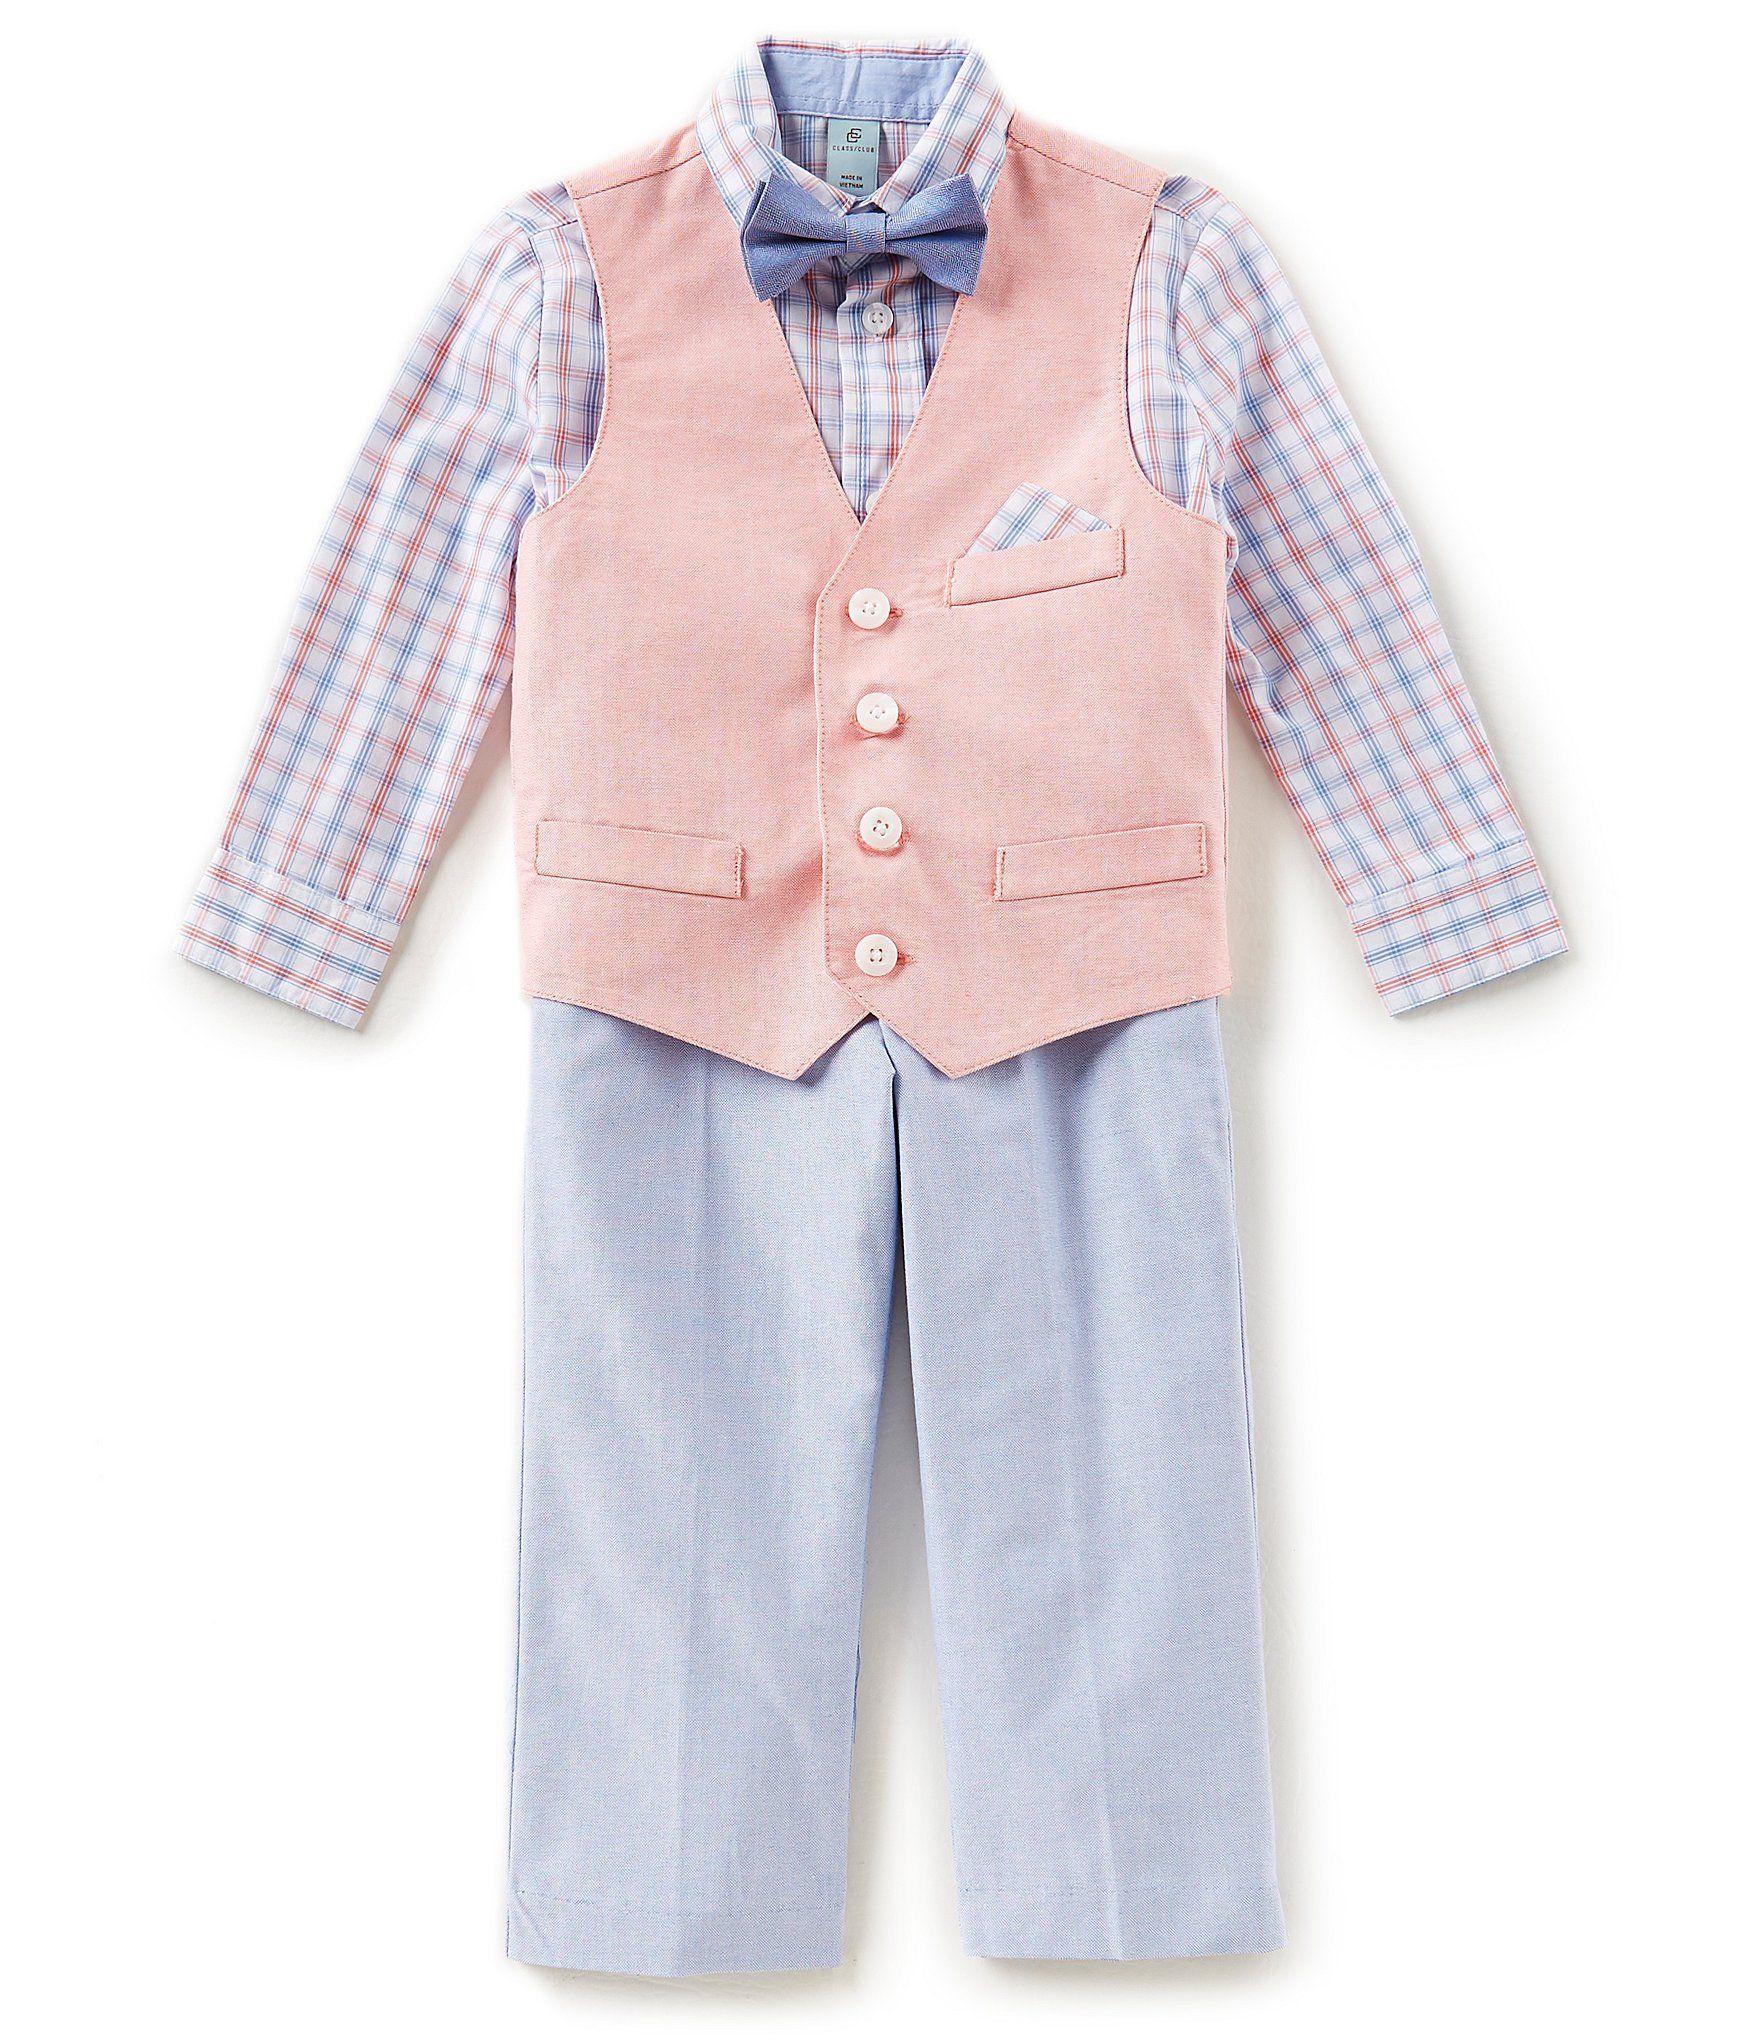 7562bb16f544 Class Club Little Boys 2T7 Plaid ButtonDown Shirt Vest Pants and Bow Tie  4Piece Suit Set #Dillards